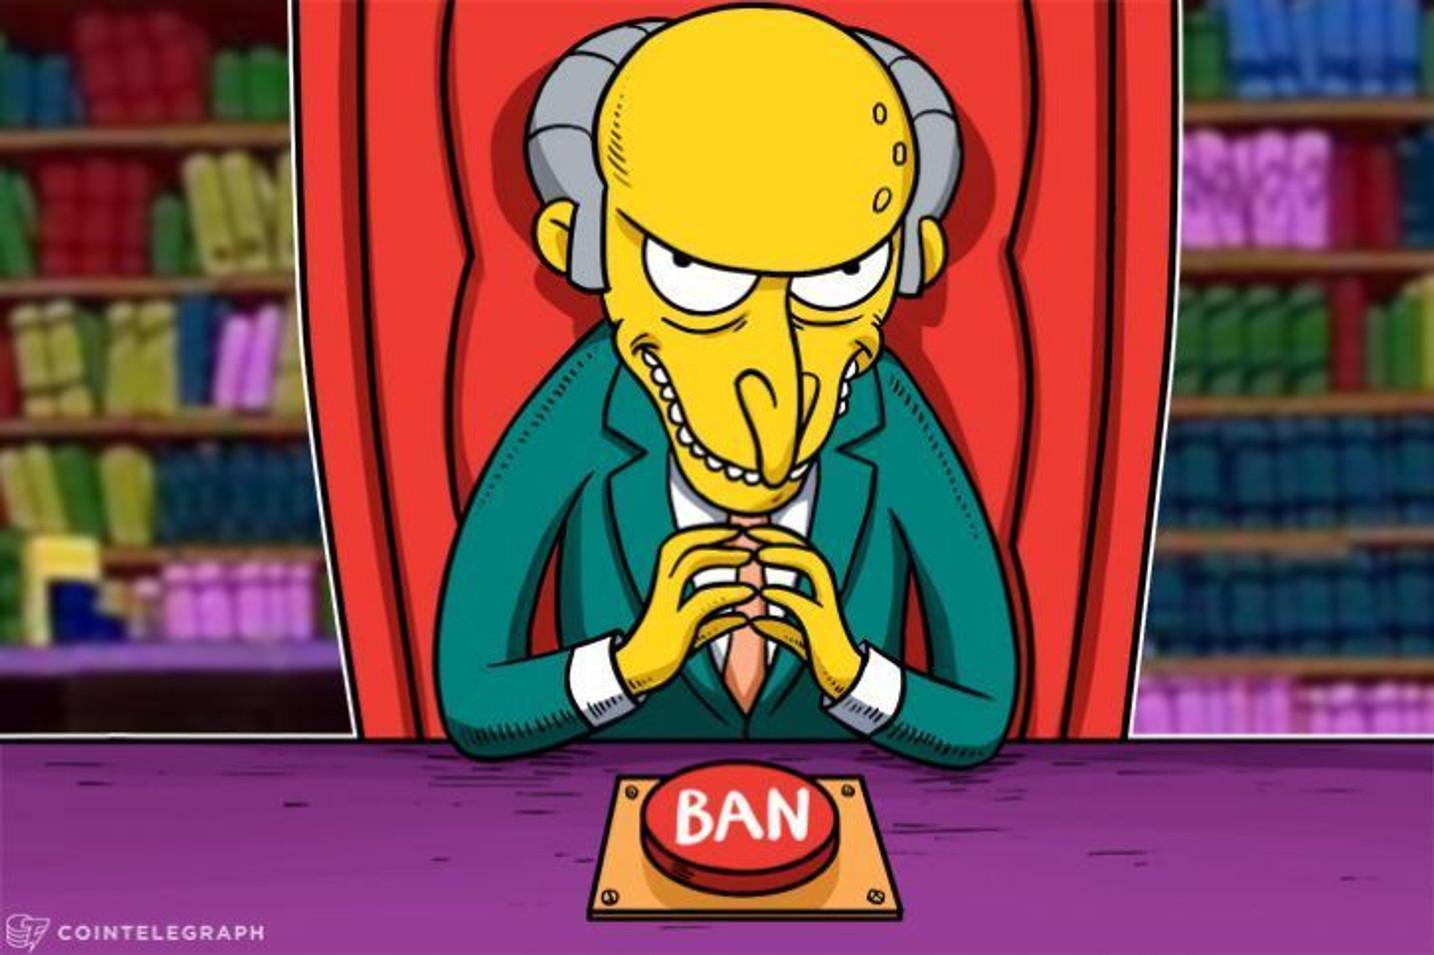 BitPay setzt Verbot von bestimmten Aktivitäten auf Plattform durch